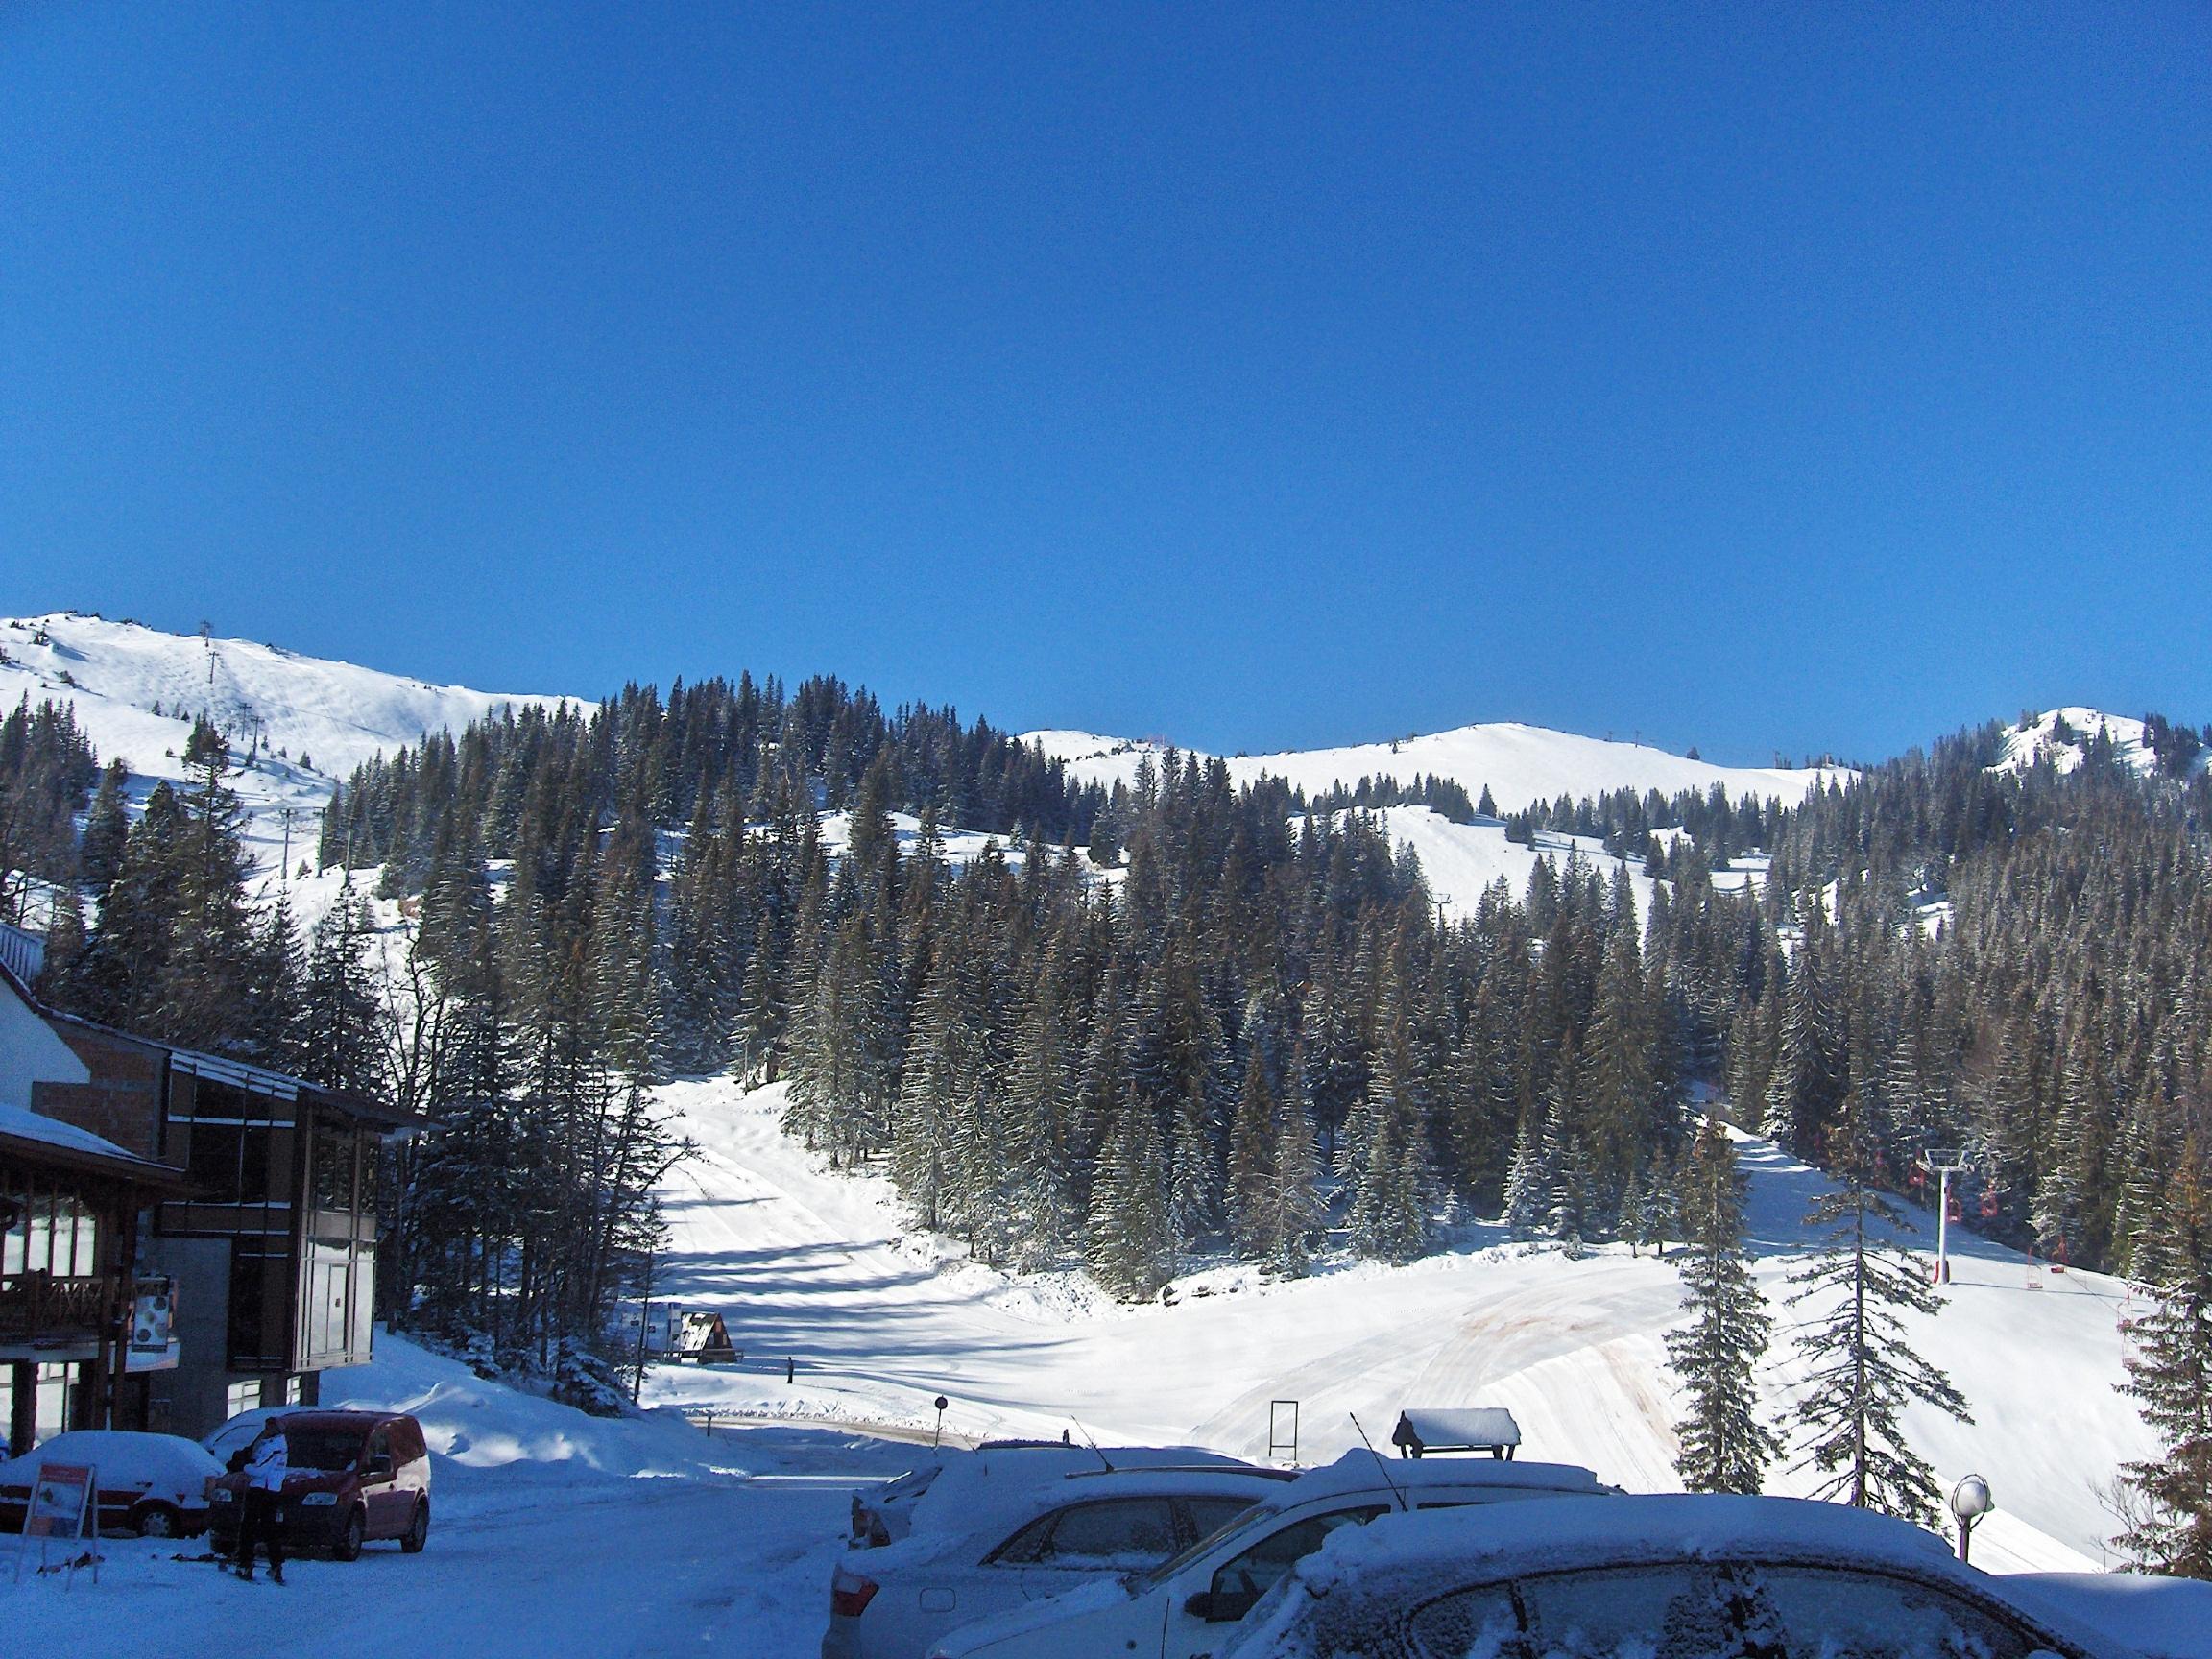 Aj kolika je Jahorina planina (part #2)